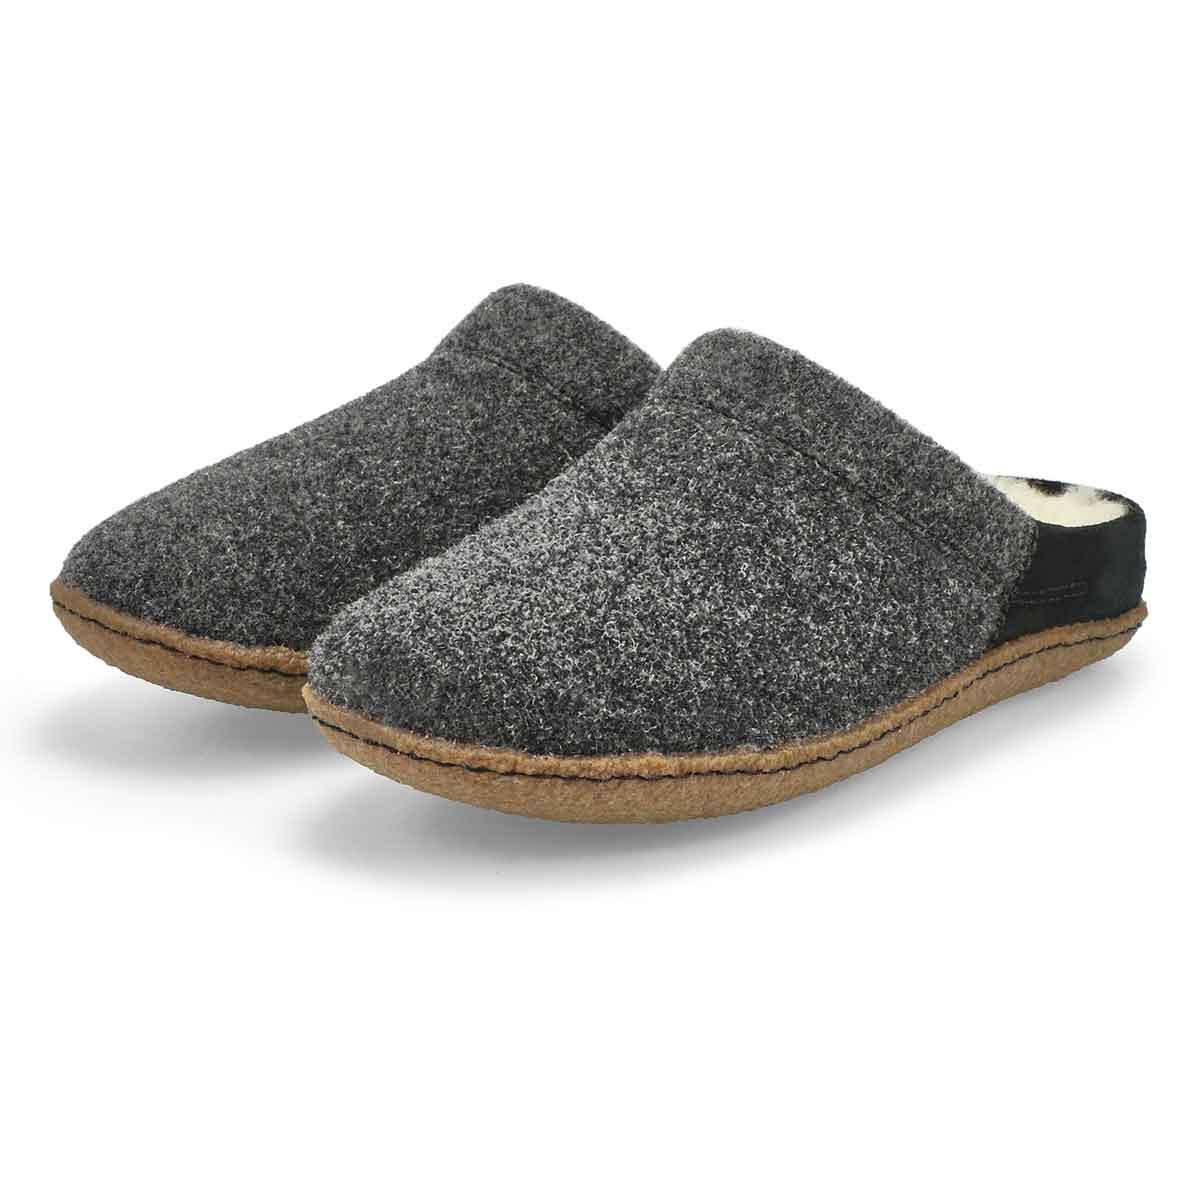 Pantoufles NAKISKASCUFF, noir, femmes